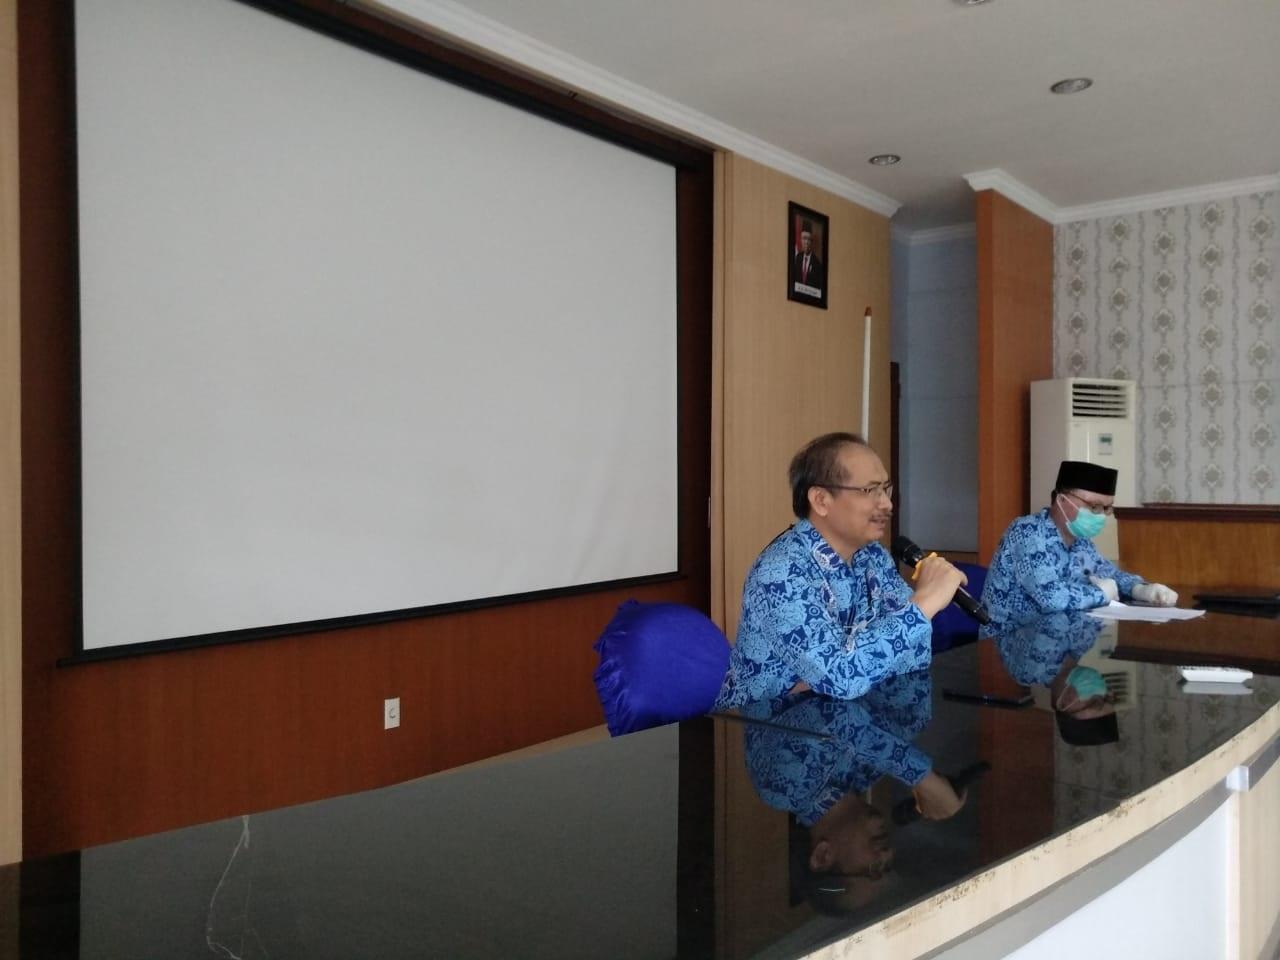 sambutan-rektor-uma-pada-seminar-seminar-proposal-penelitian-dan-pengabdian-kepada-masyarakat-diya-uma-tahun-2021.jpg